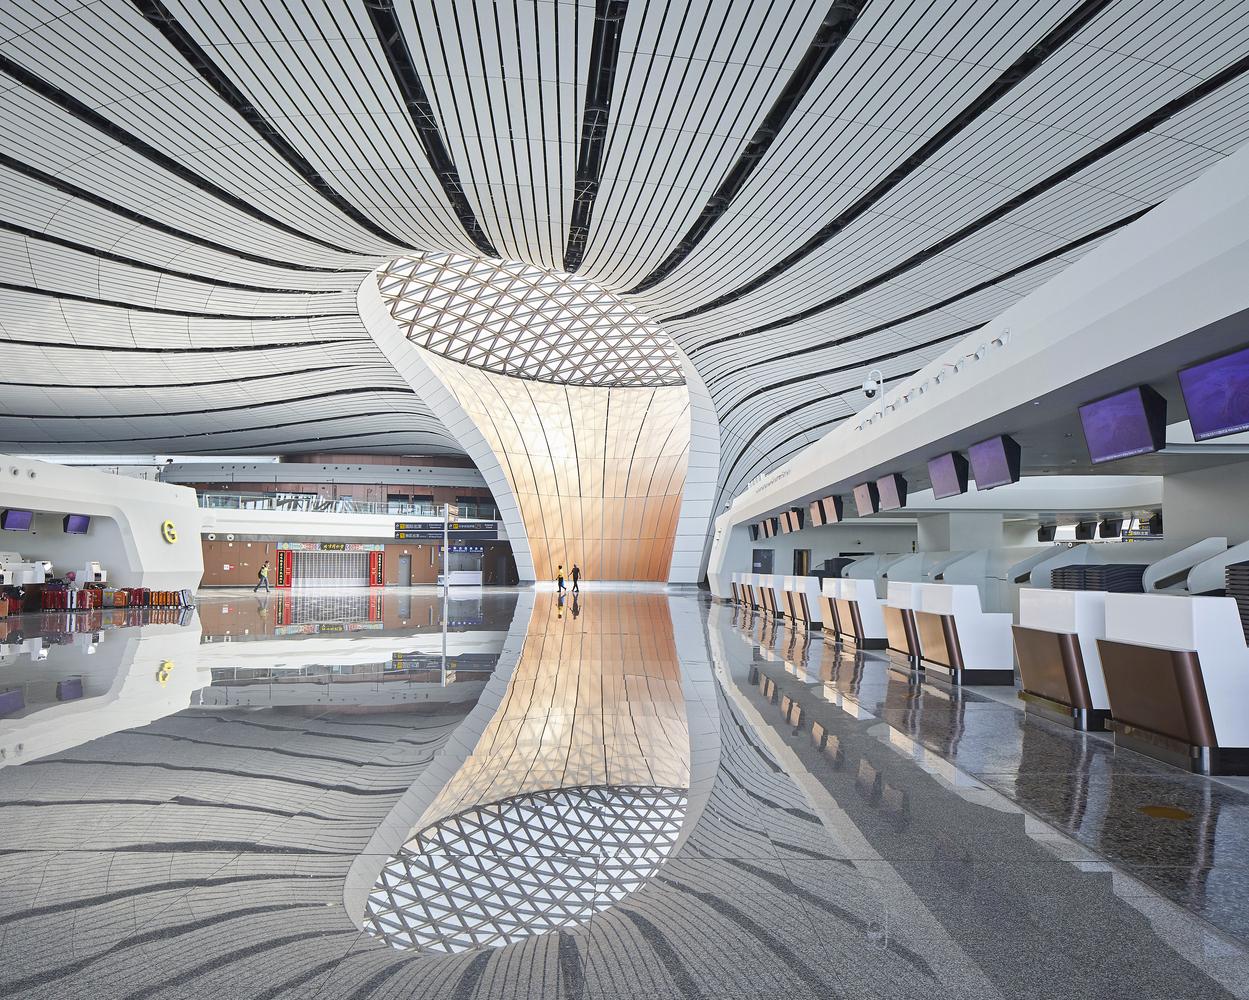 北京·大兴国际机场设计